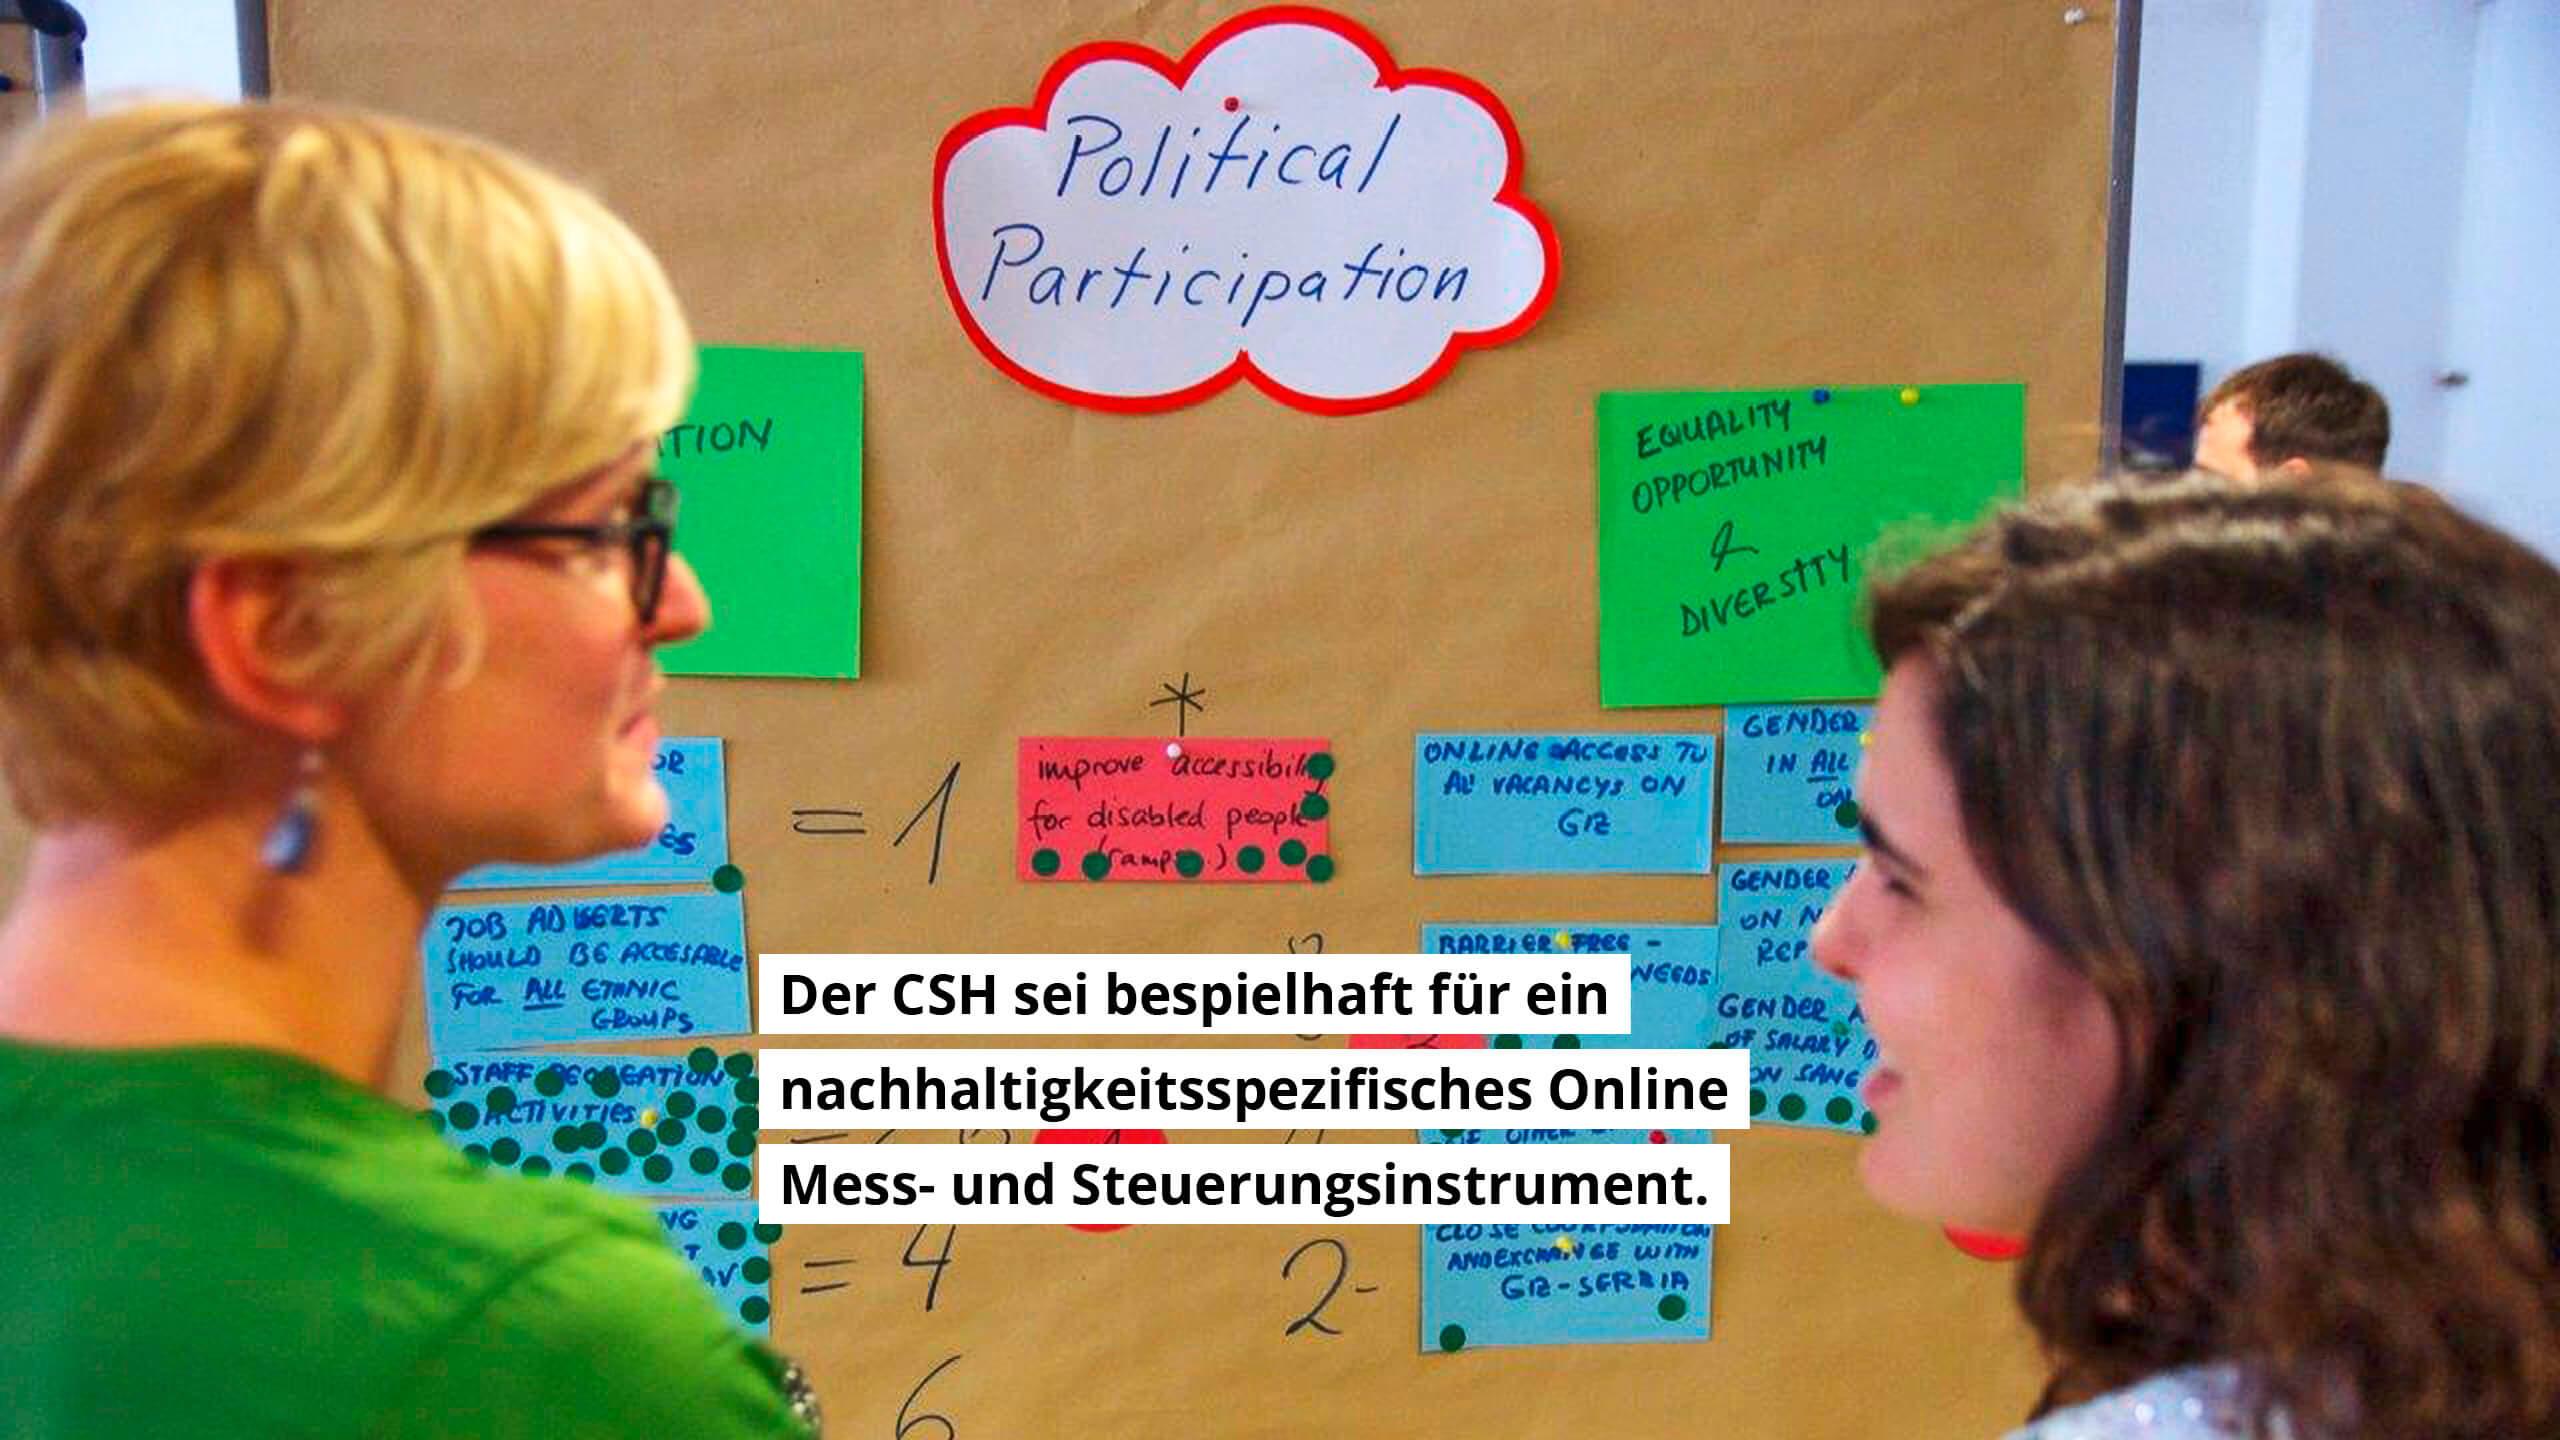 Der CSH sei beispielhaft für ein nachhaltigkeitsspezifisches Online Mess- und Steuerungsinstrument.